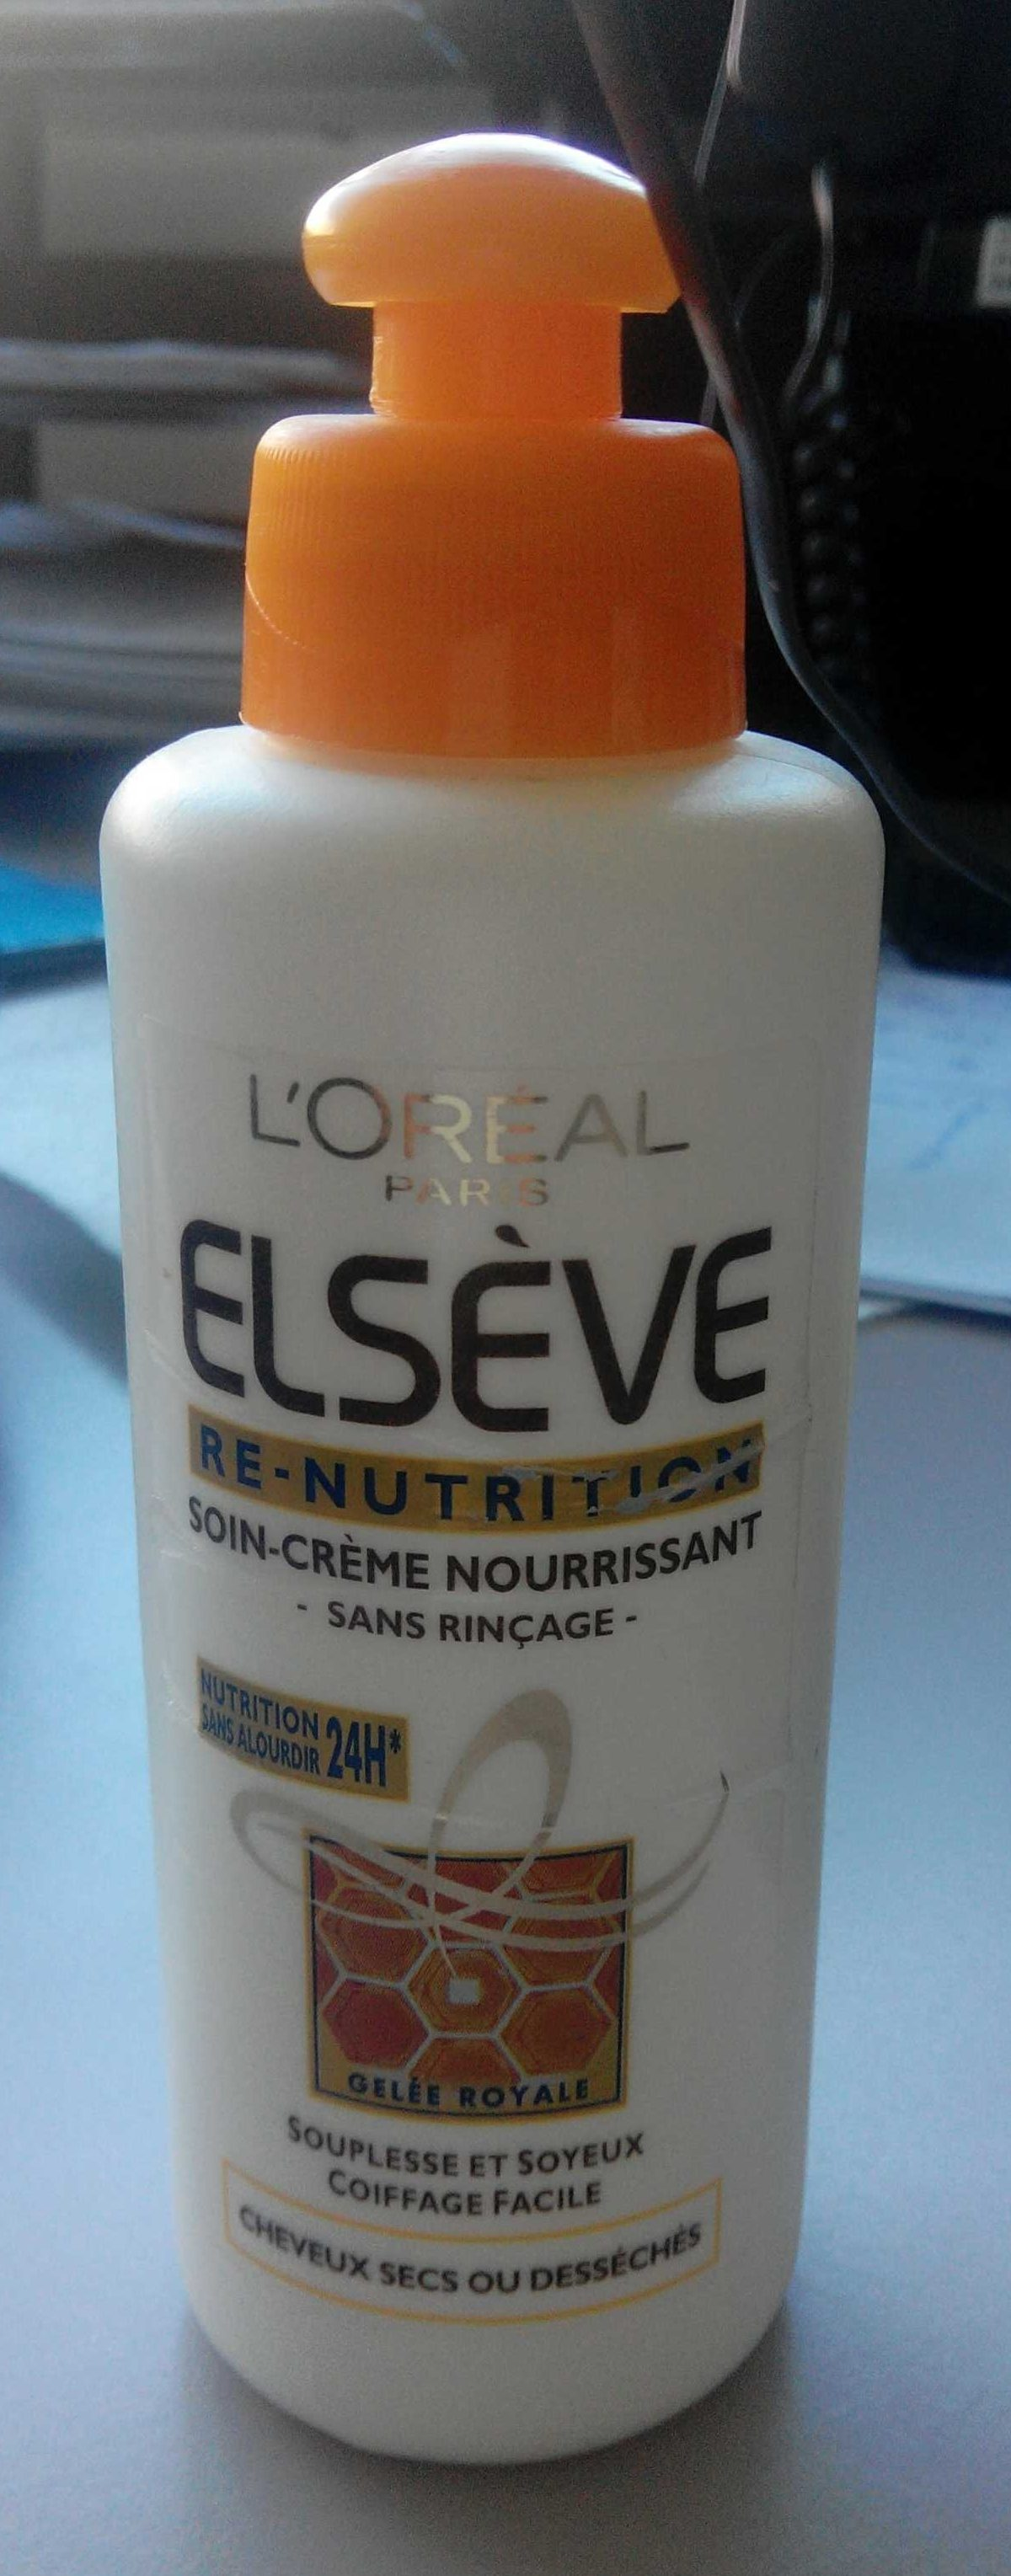 Elseve Re-Nutrition Soin-crème nourrissant - Product